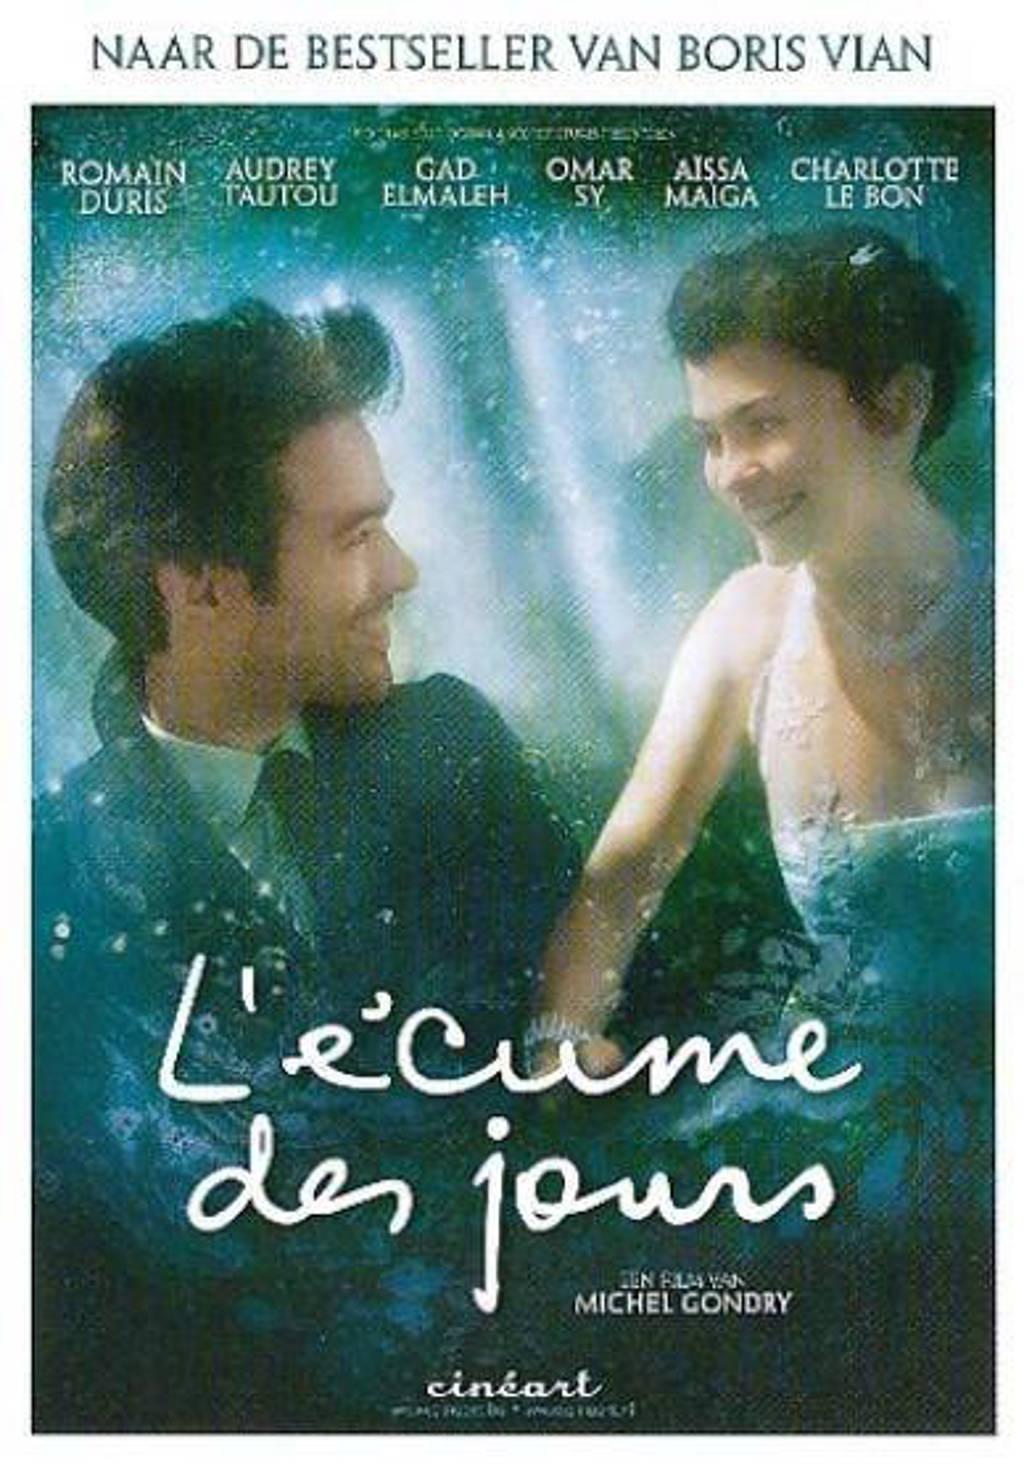 L'ecume des jours (DVD)